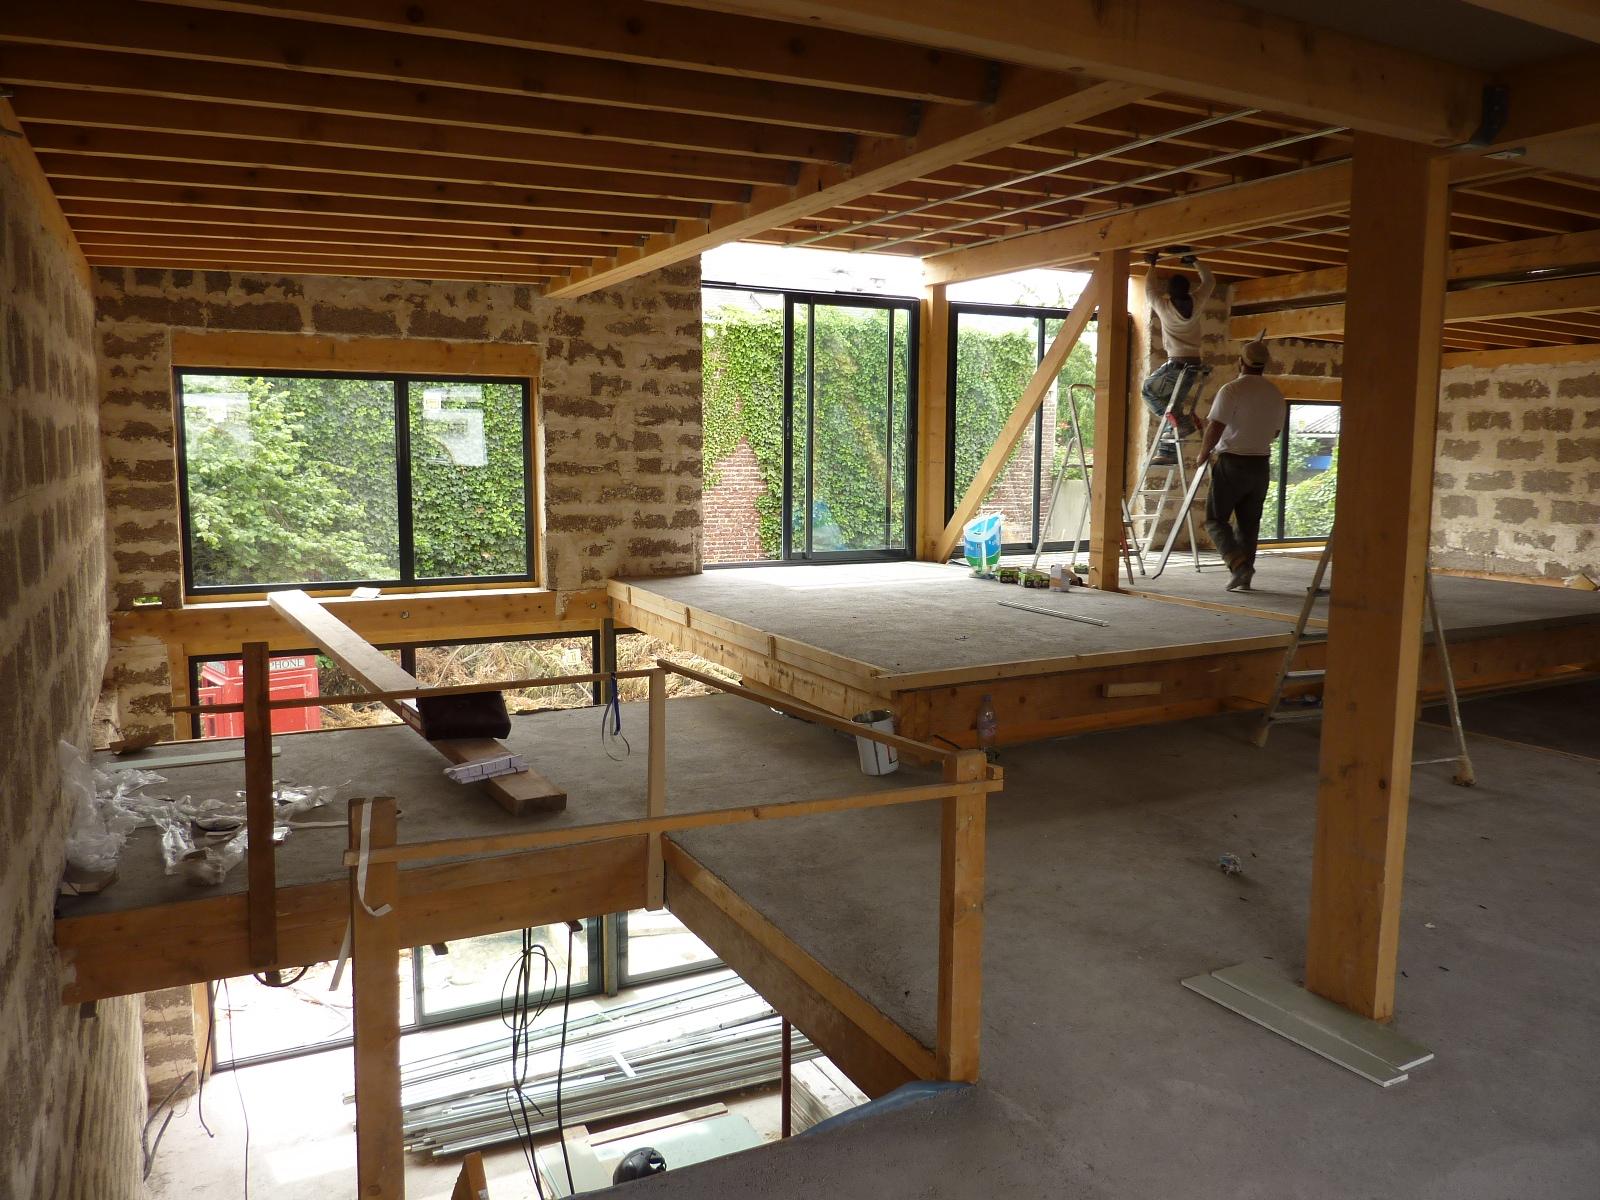 Suite chantier maison bois bioclimatique architecte maison bois paris a - Maison bioclimatique alsace ...